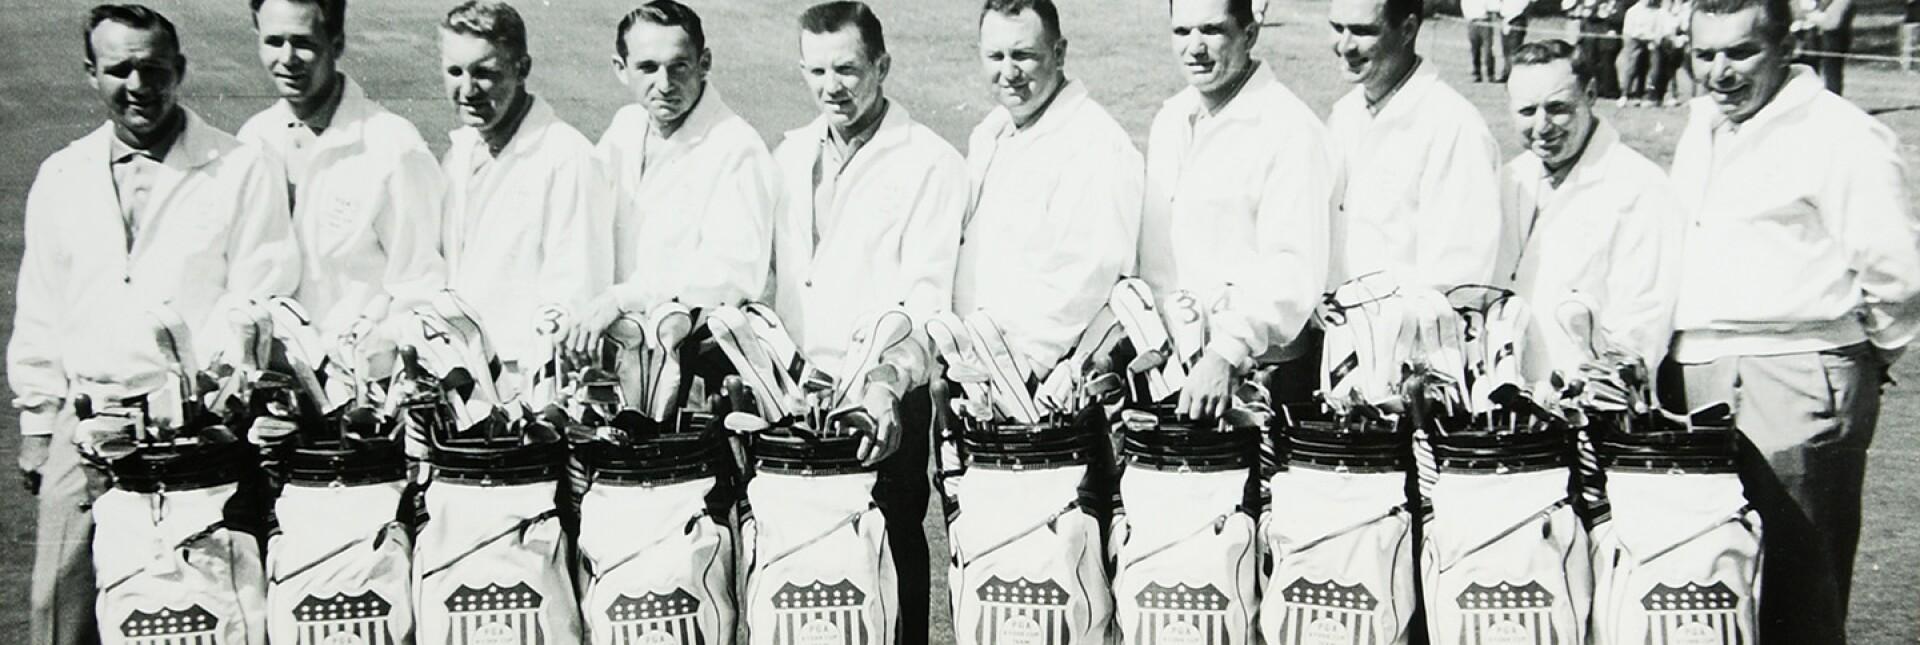 1963 ryder cup.jpg